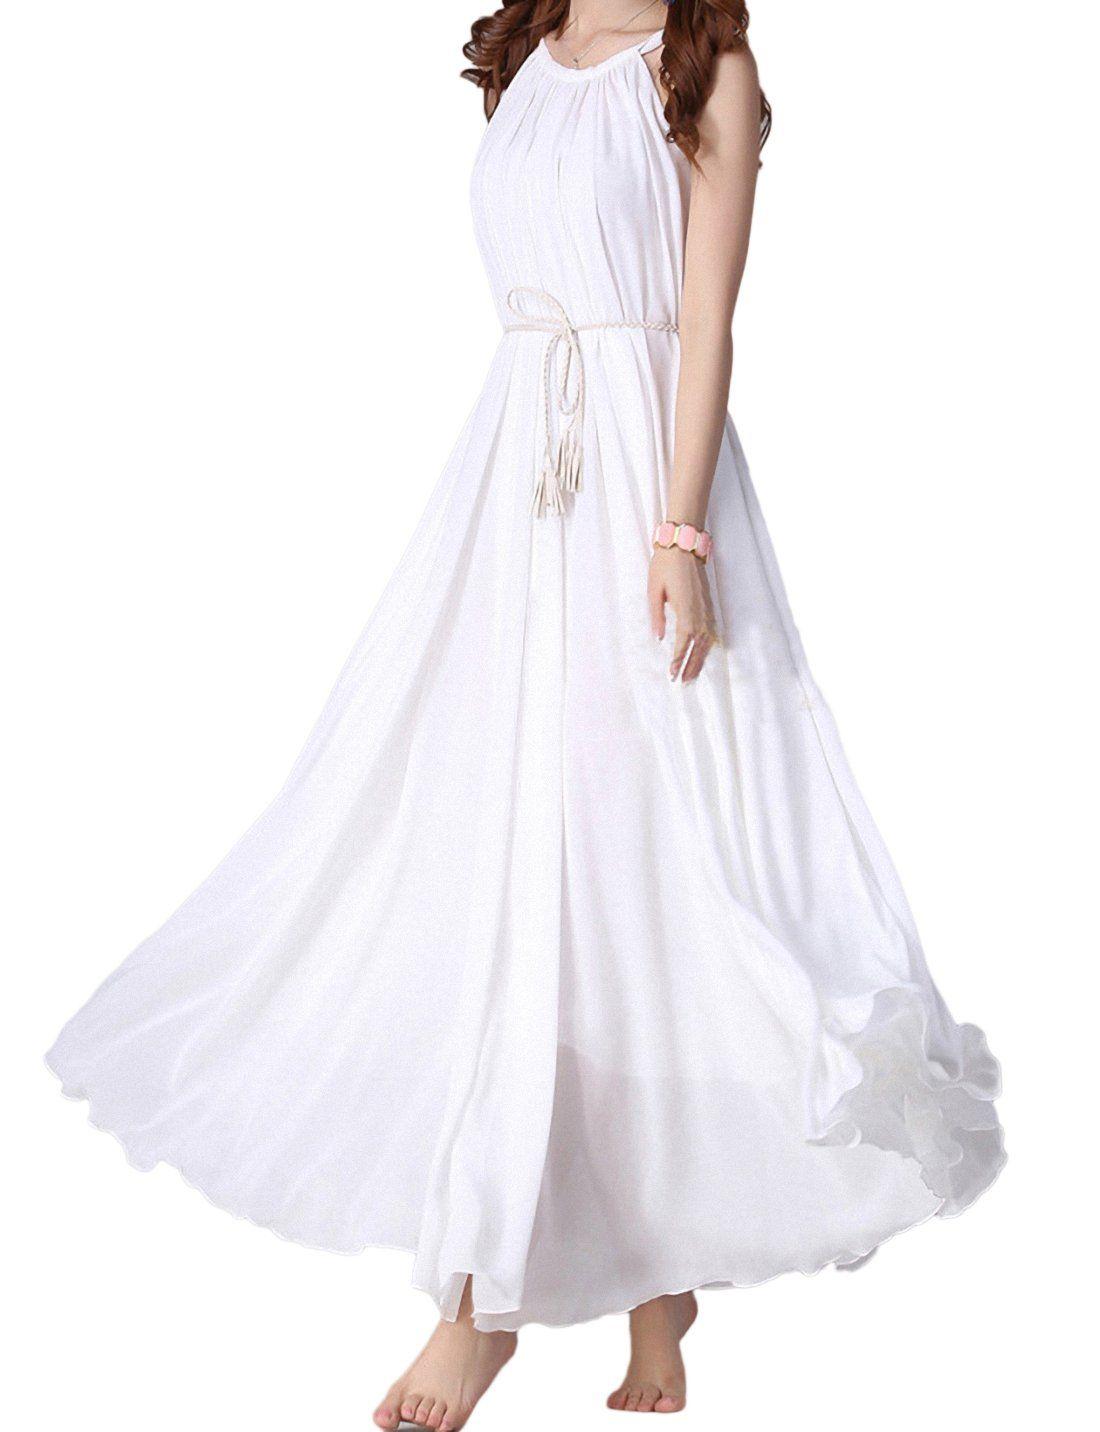 Yacun Women S Bohemian Casual Chiffon Swing Maxi Slip Flowy Dress White Xl At Amazon Women S Clothing S Chiffon Dress Long Bohemian Chiffon Maxi Dresses Casual [ 1432 x 1100 Pixel ]